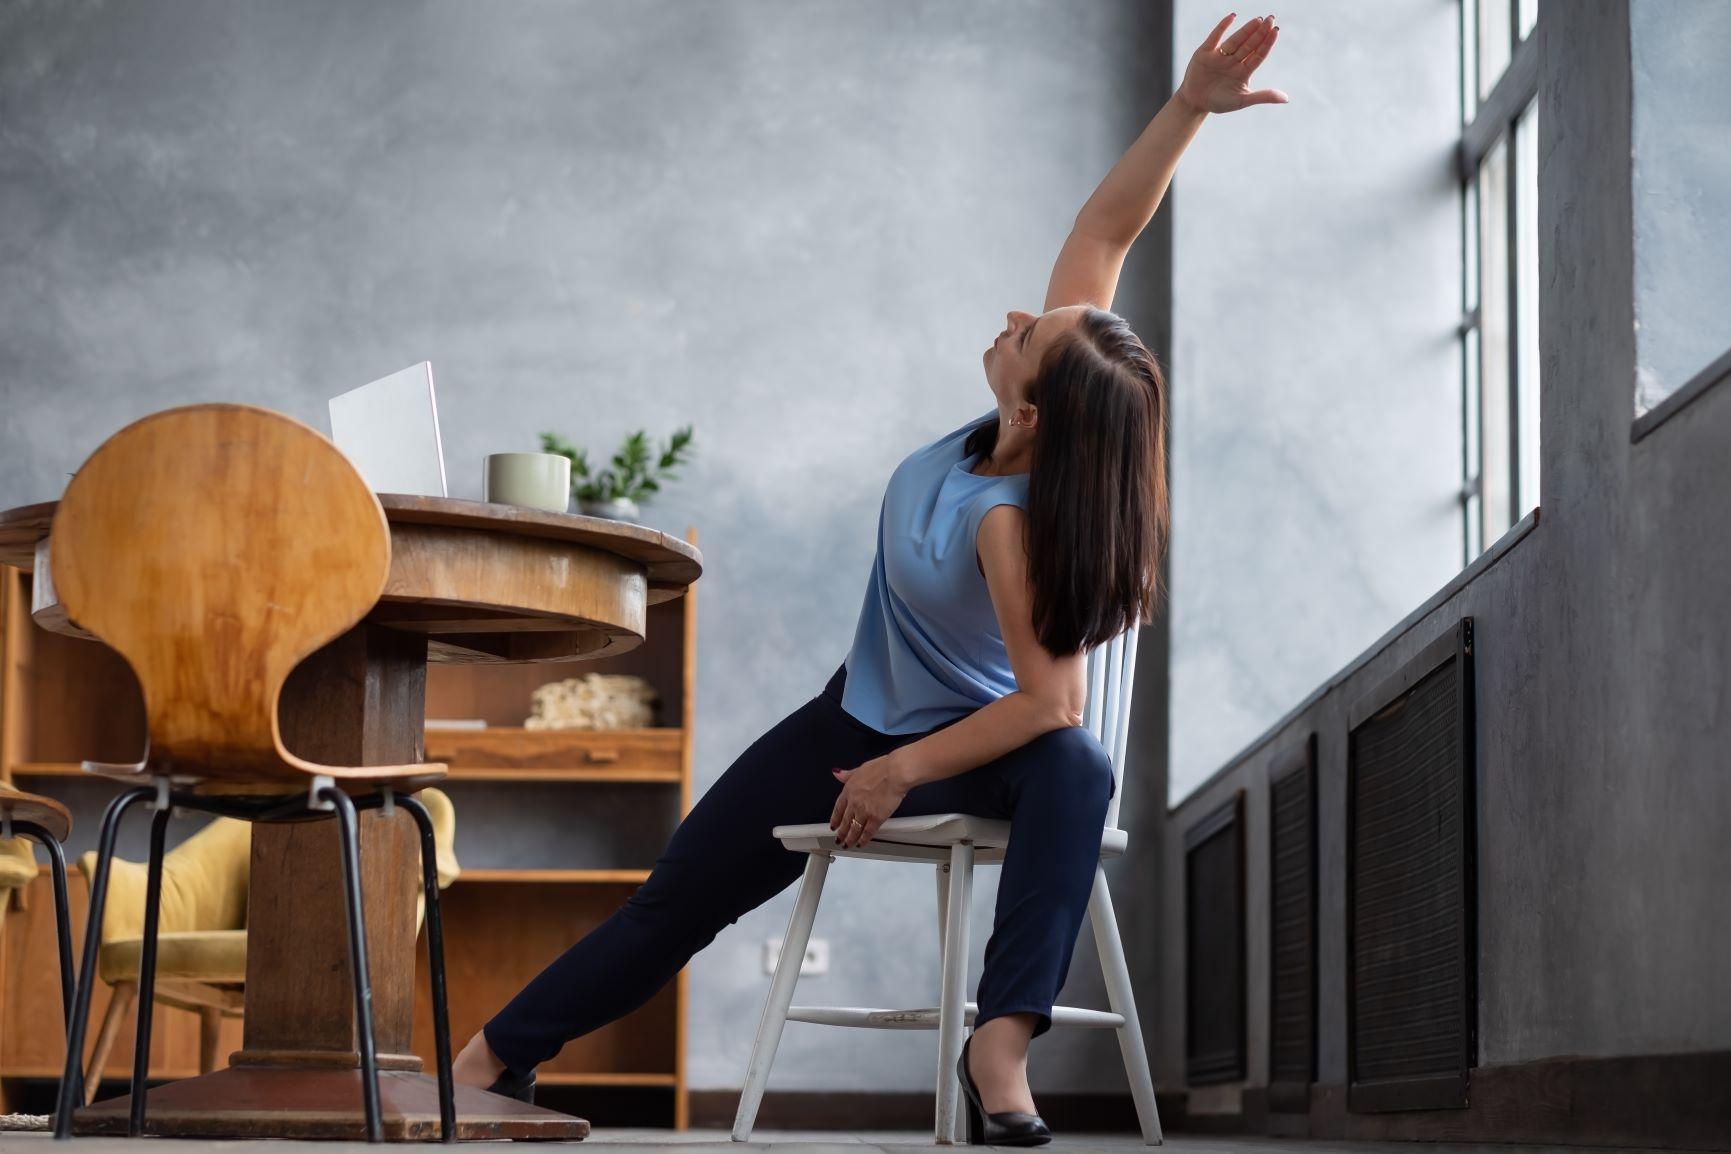 Miglior sgabello da yoga per le inversioni: una guida ...